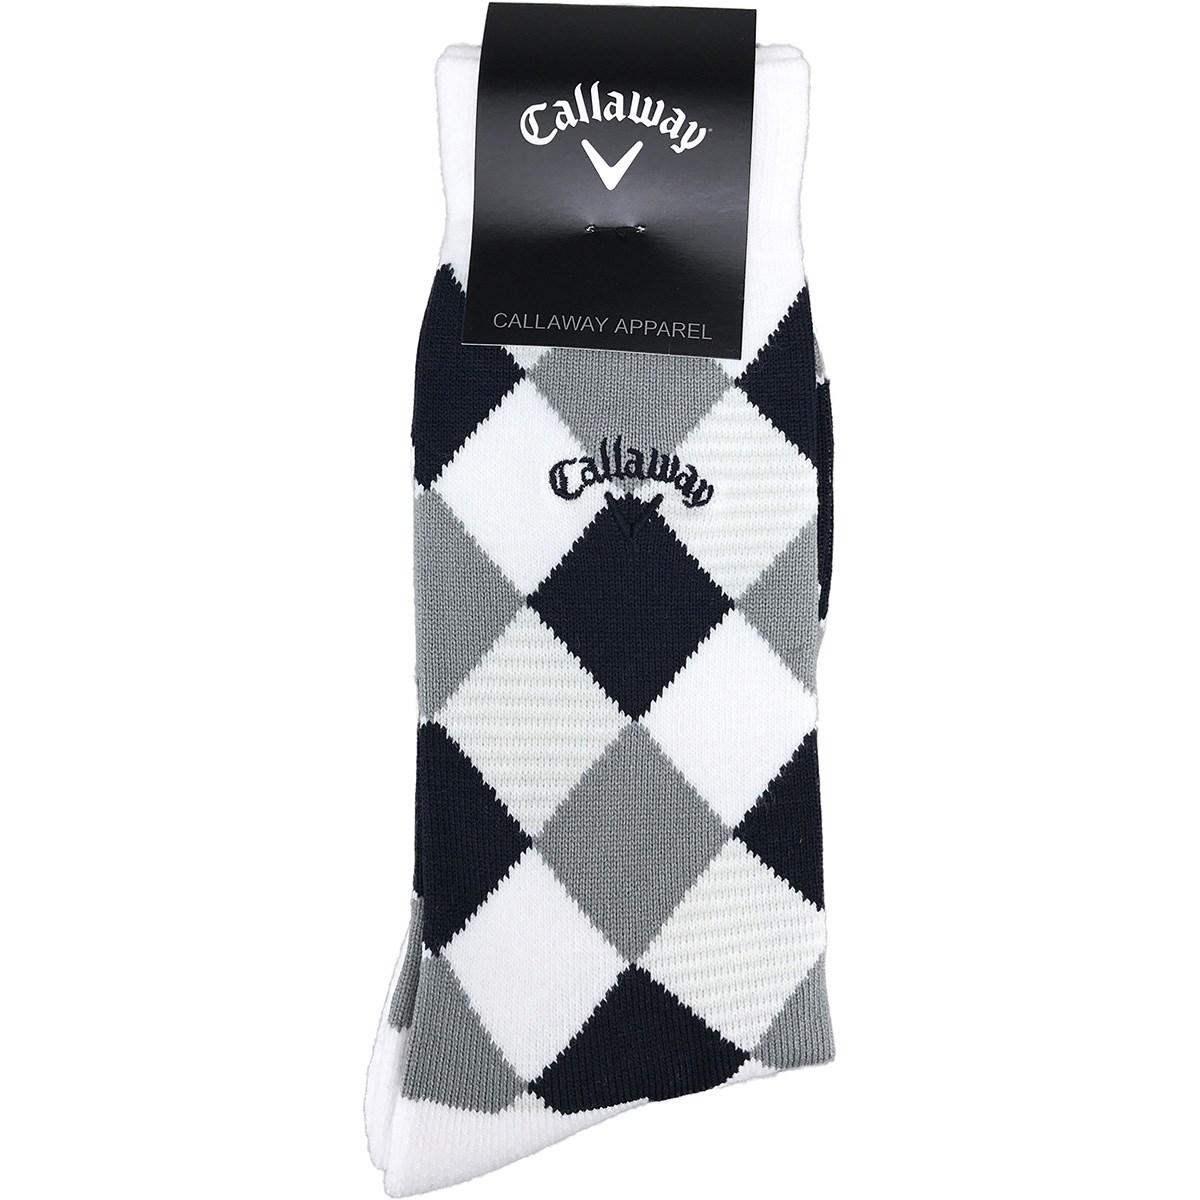 キャロウェイゴルフ Callaway Golf アーガイルクルーソックス フリー ホワイト 030